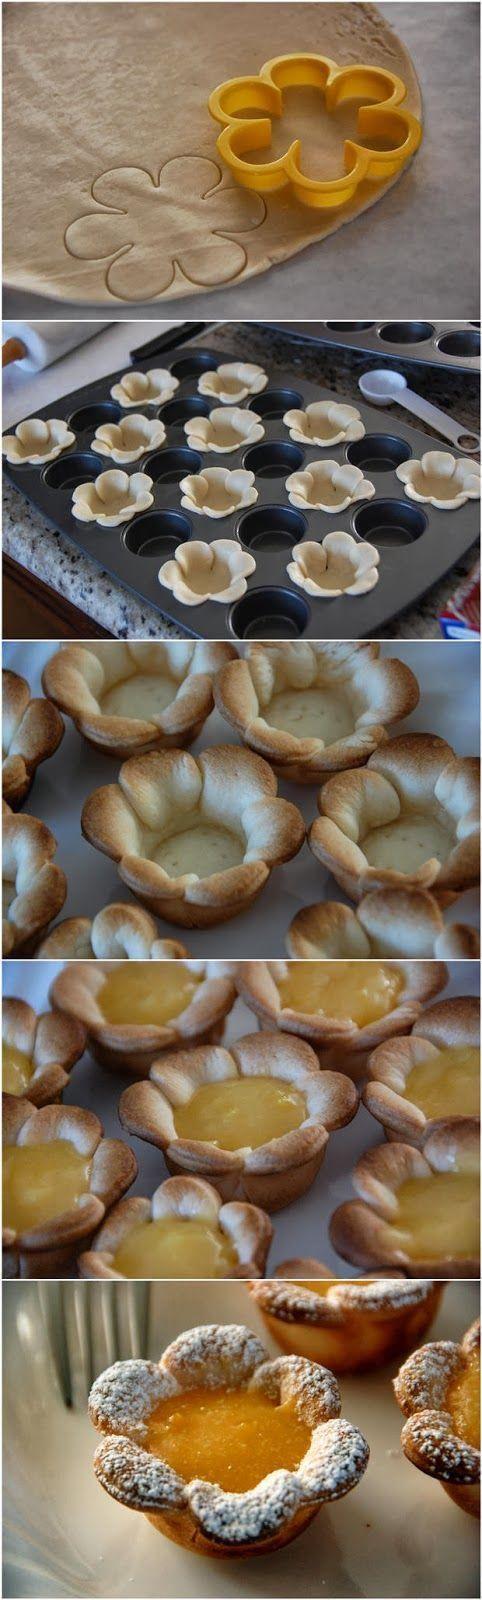 Flower shaped Mini Lemon Curd Tarts - Joybx